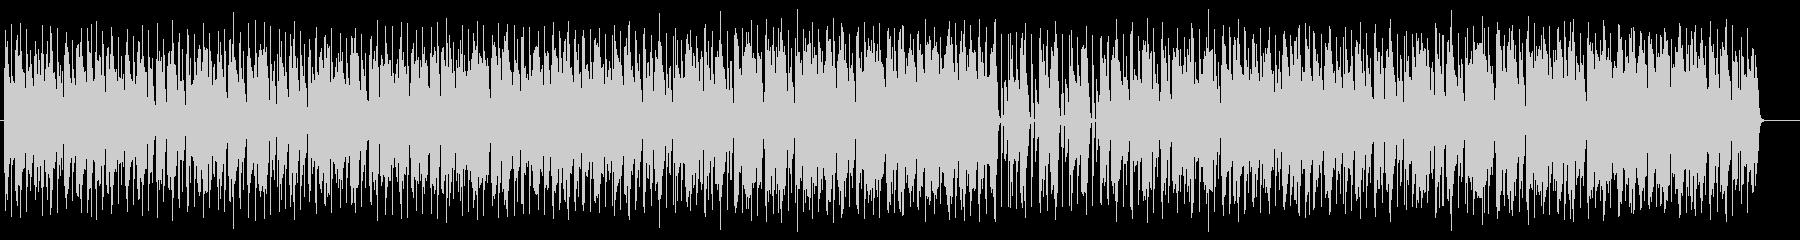 テクノポップな幻想的な音楽の未再生の波形